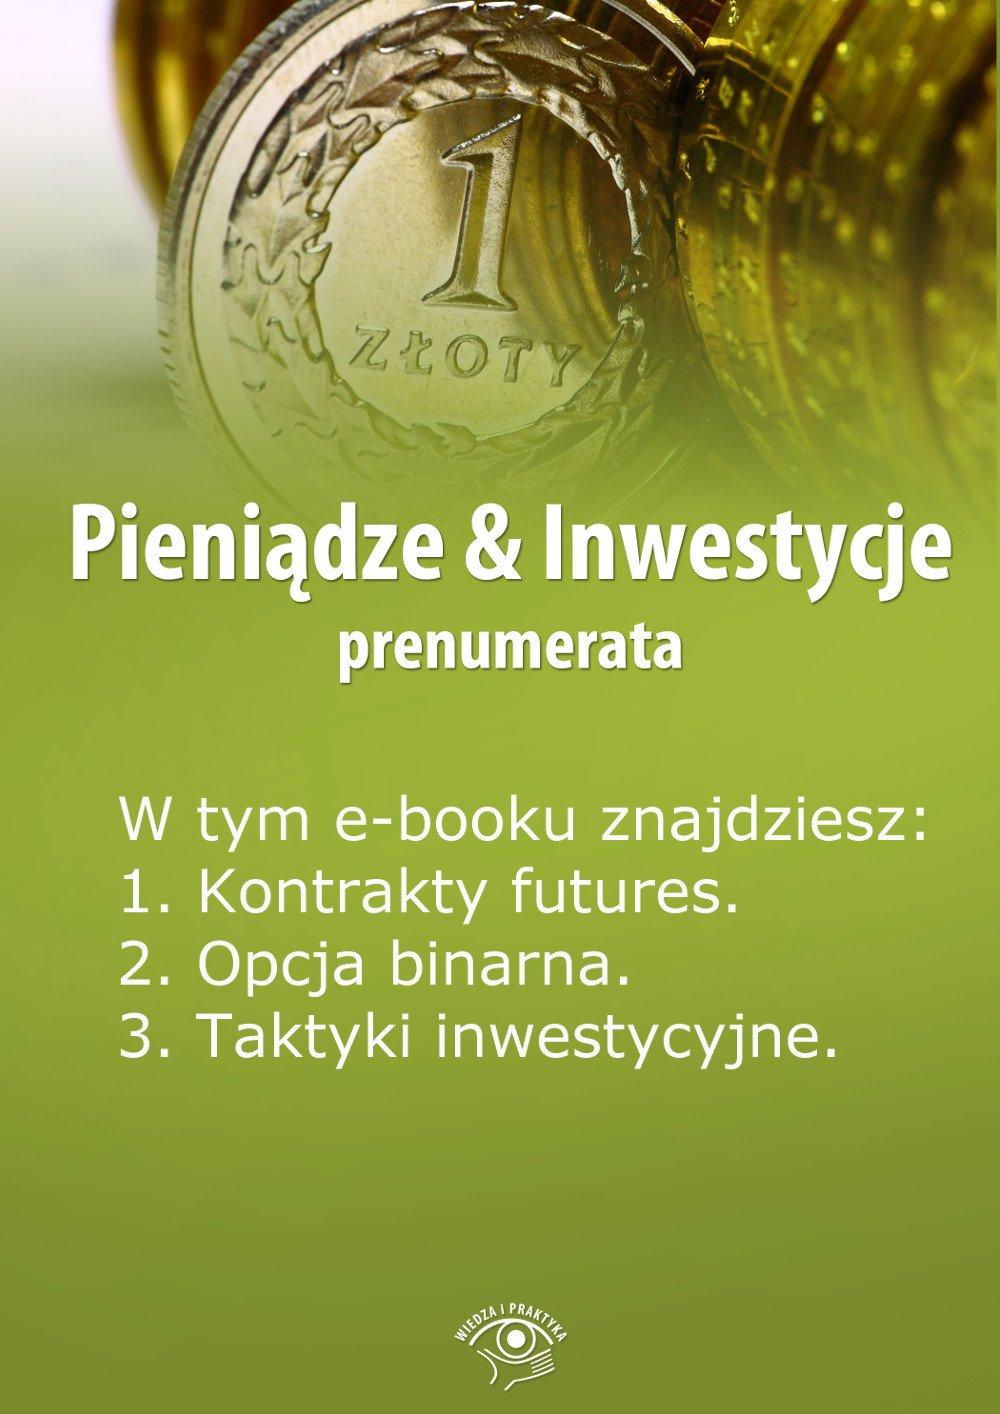 Pieniądze & Inwestycje. Wydanie specjalne marzec 2014 r. - Ebook (Książka PDF) do pobrania w formacie PDF